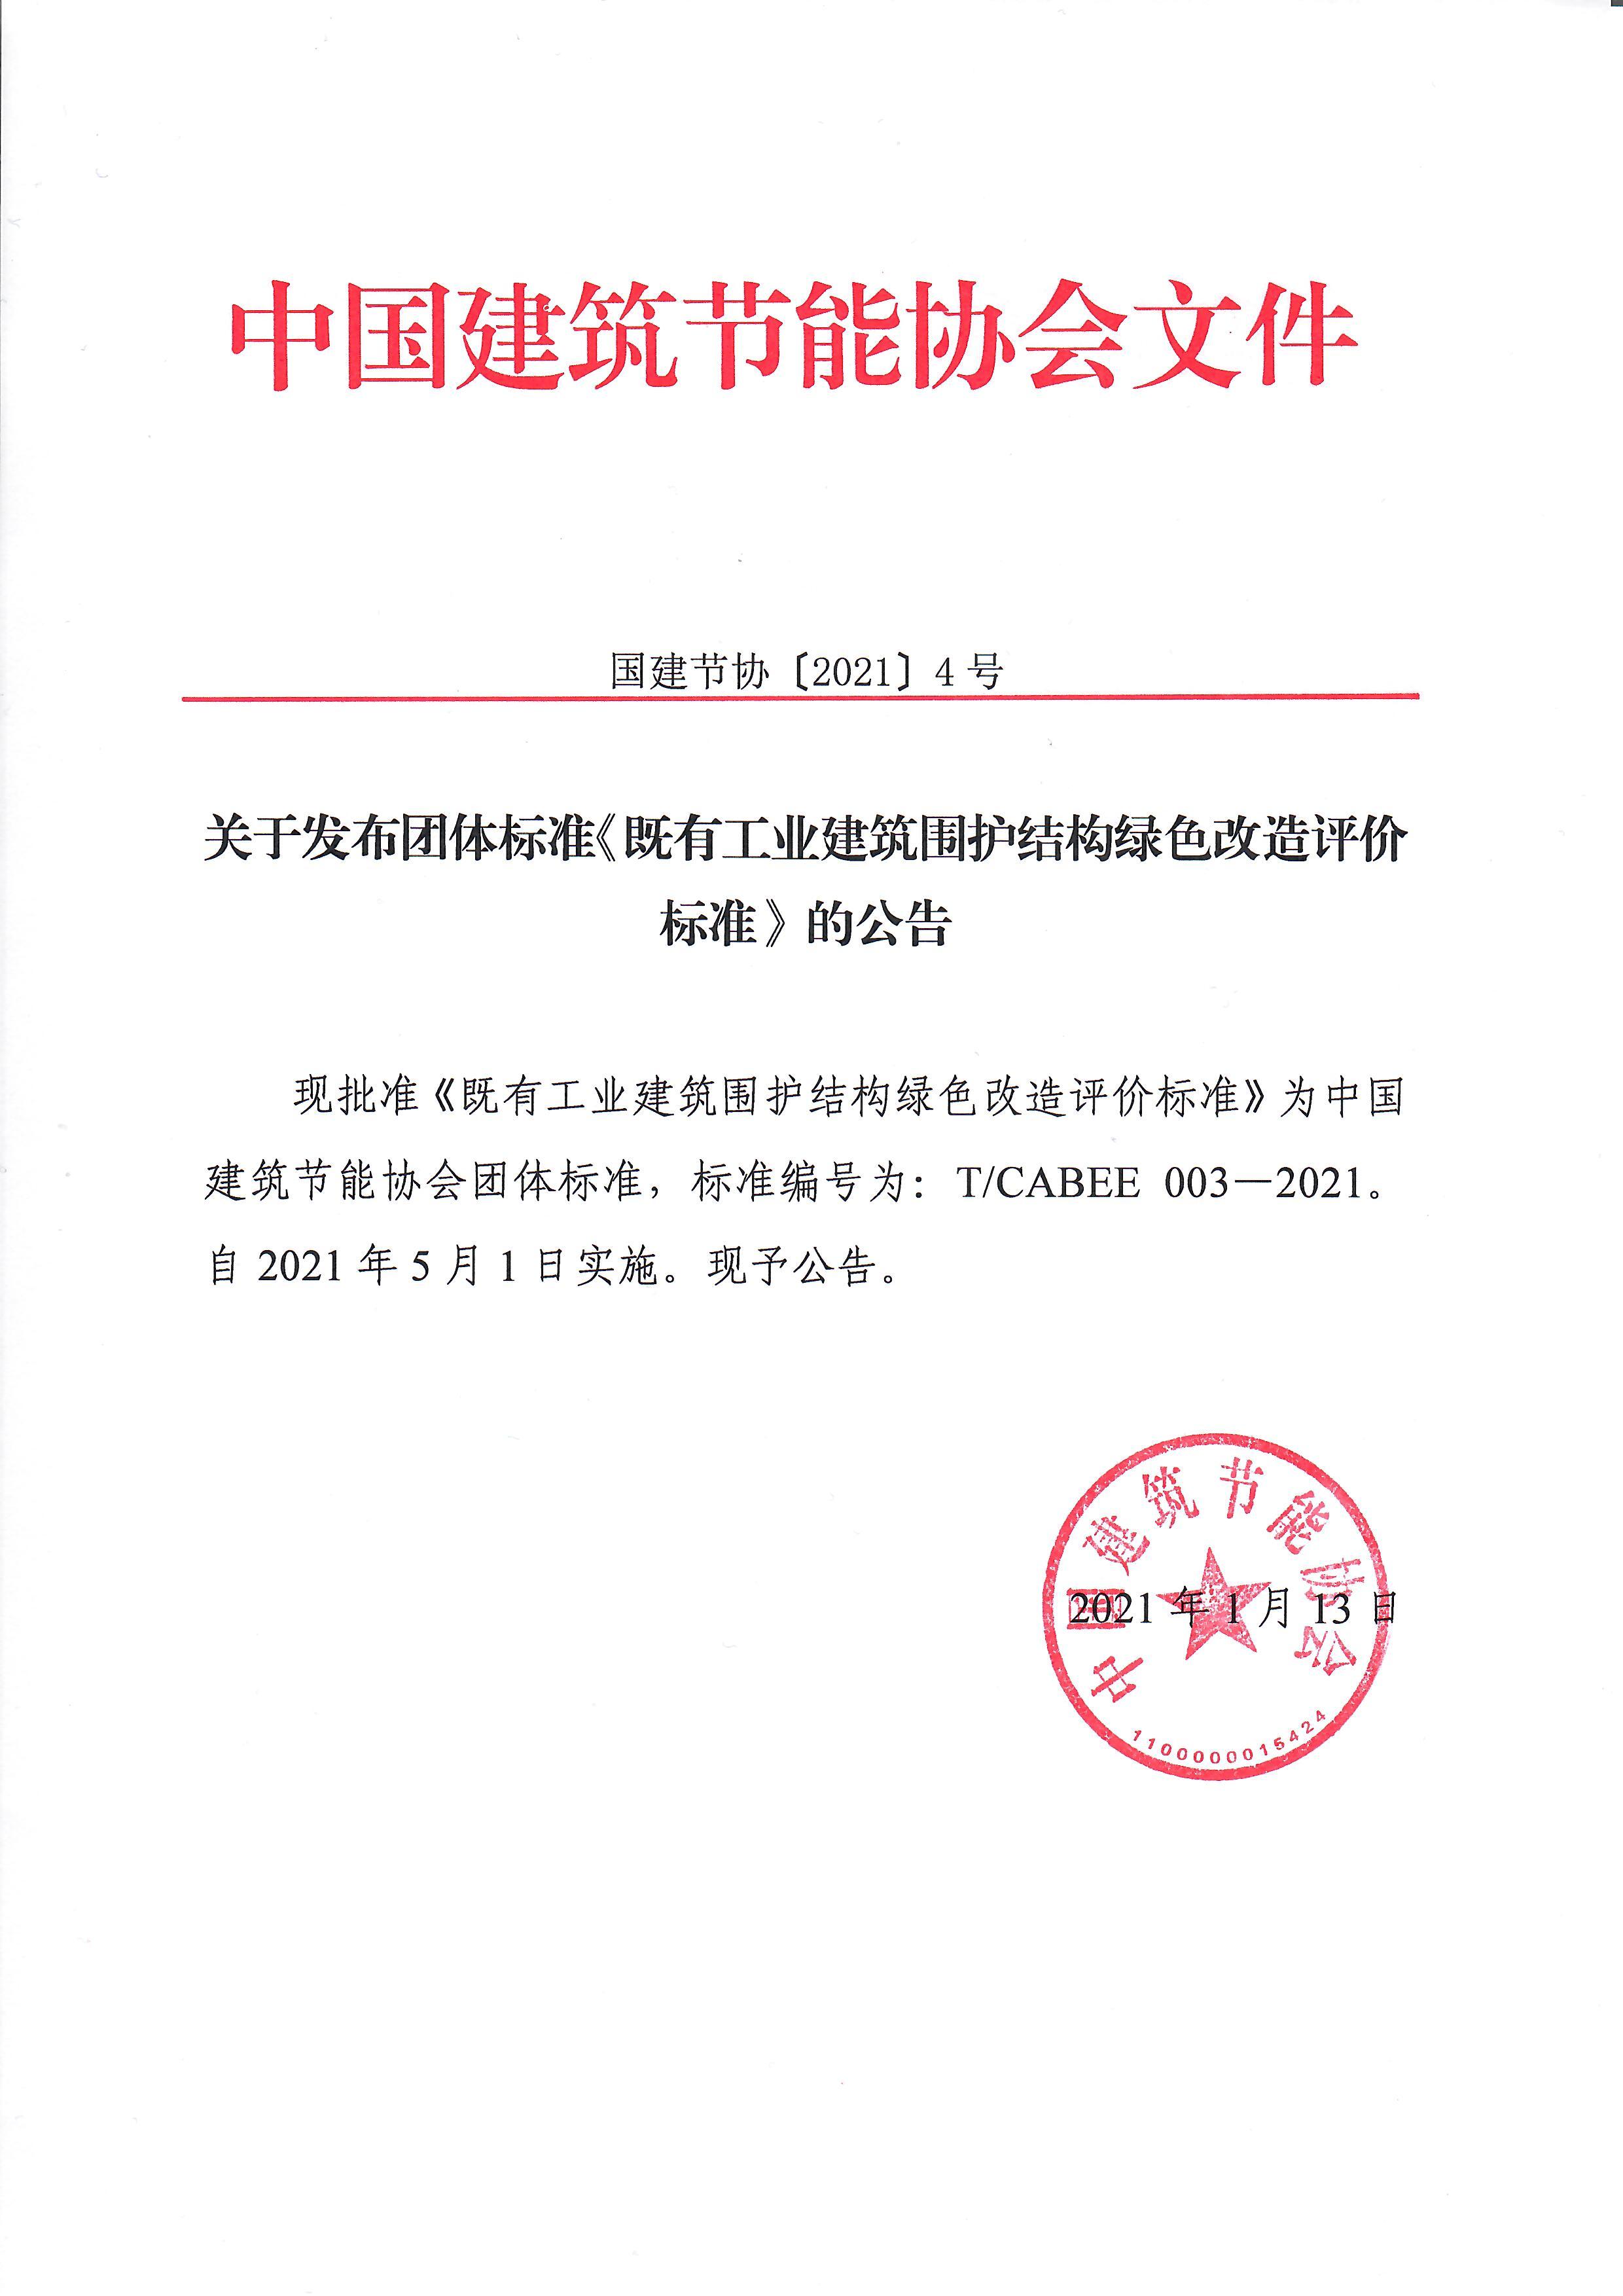 3.关于发布团体标准《既有工业建筑围护结构绿色改造评价标准》的公告.jpg